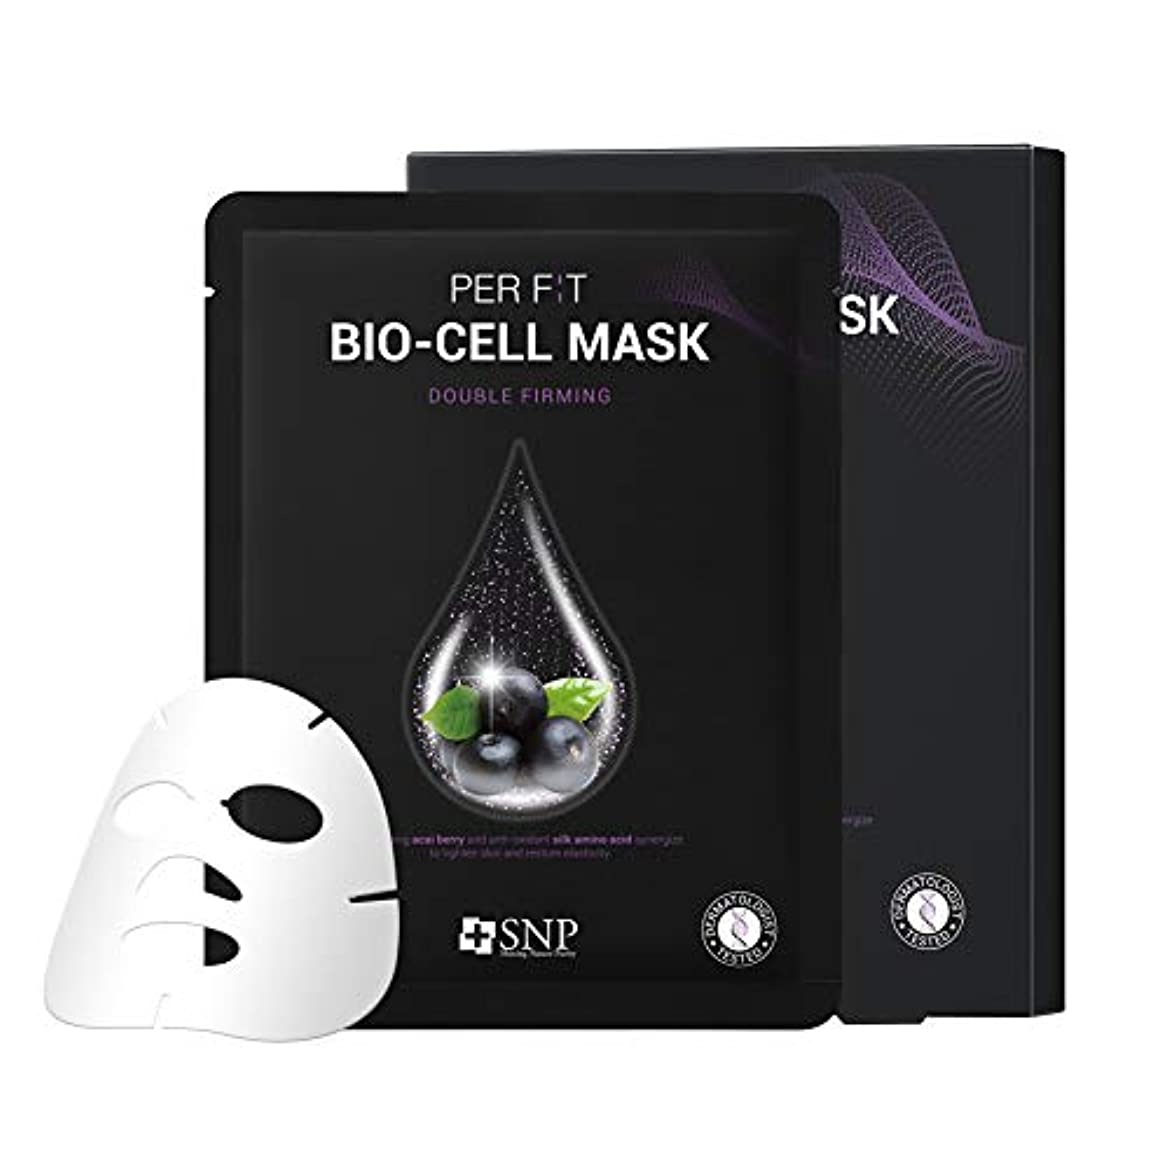 多様体韻警報【SNP公式】パーフィット バイオセルマスク ダブルファーミング 5枚セット / PER F:T BIO-CELL MASK DOUBLE FIRMING 韓国パック 韓国コスメ パック マスクパック シートマスク